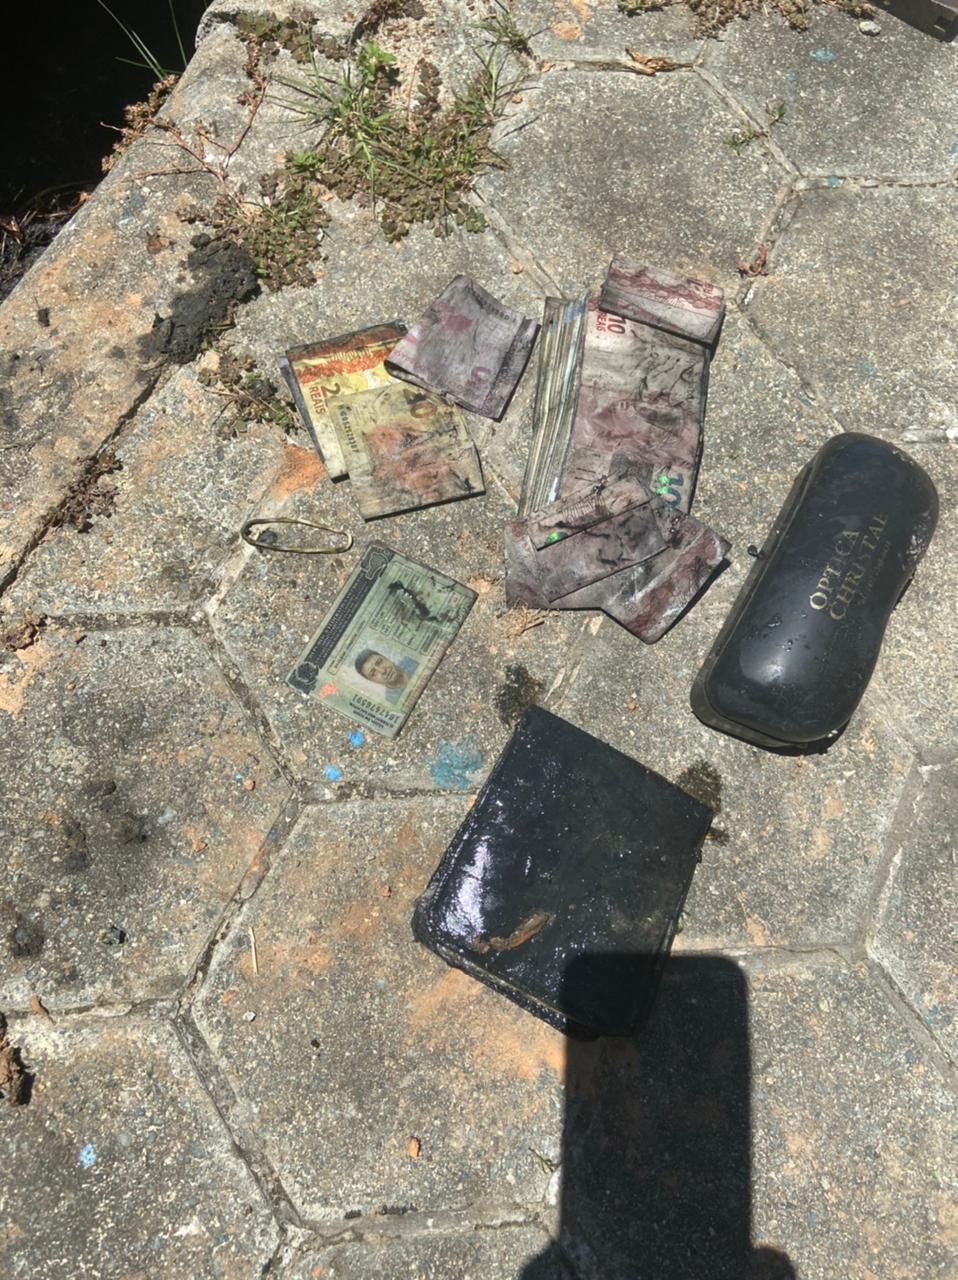 Documentos de empresário desaparecido foi encontrado no veículo, junto com o corpo - Polícia Civil/Divulgação